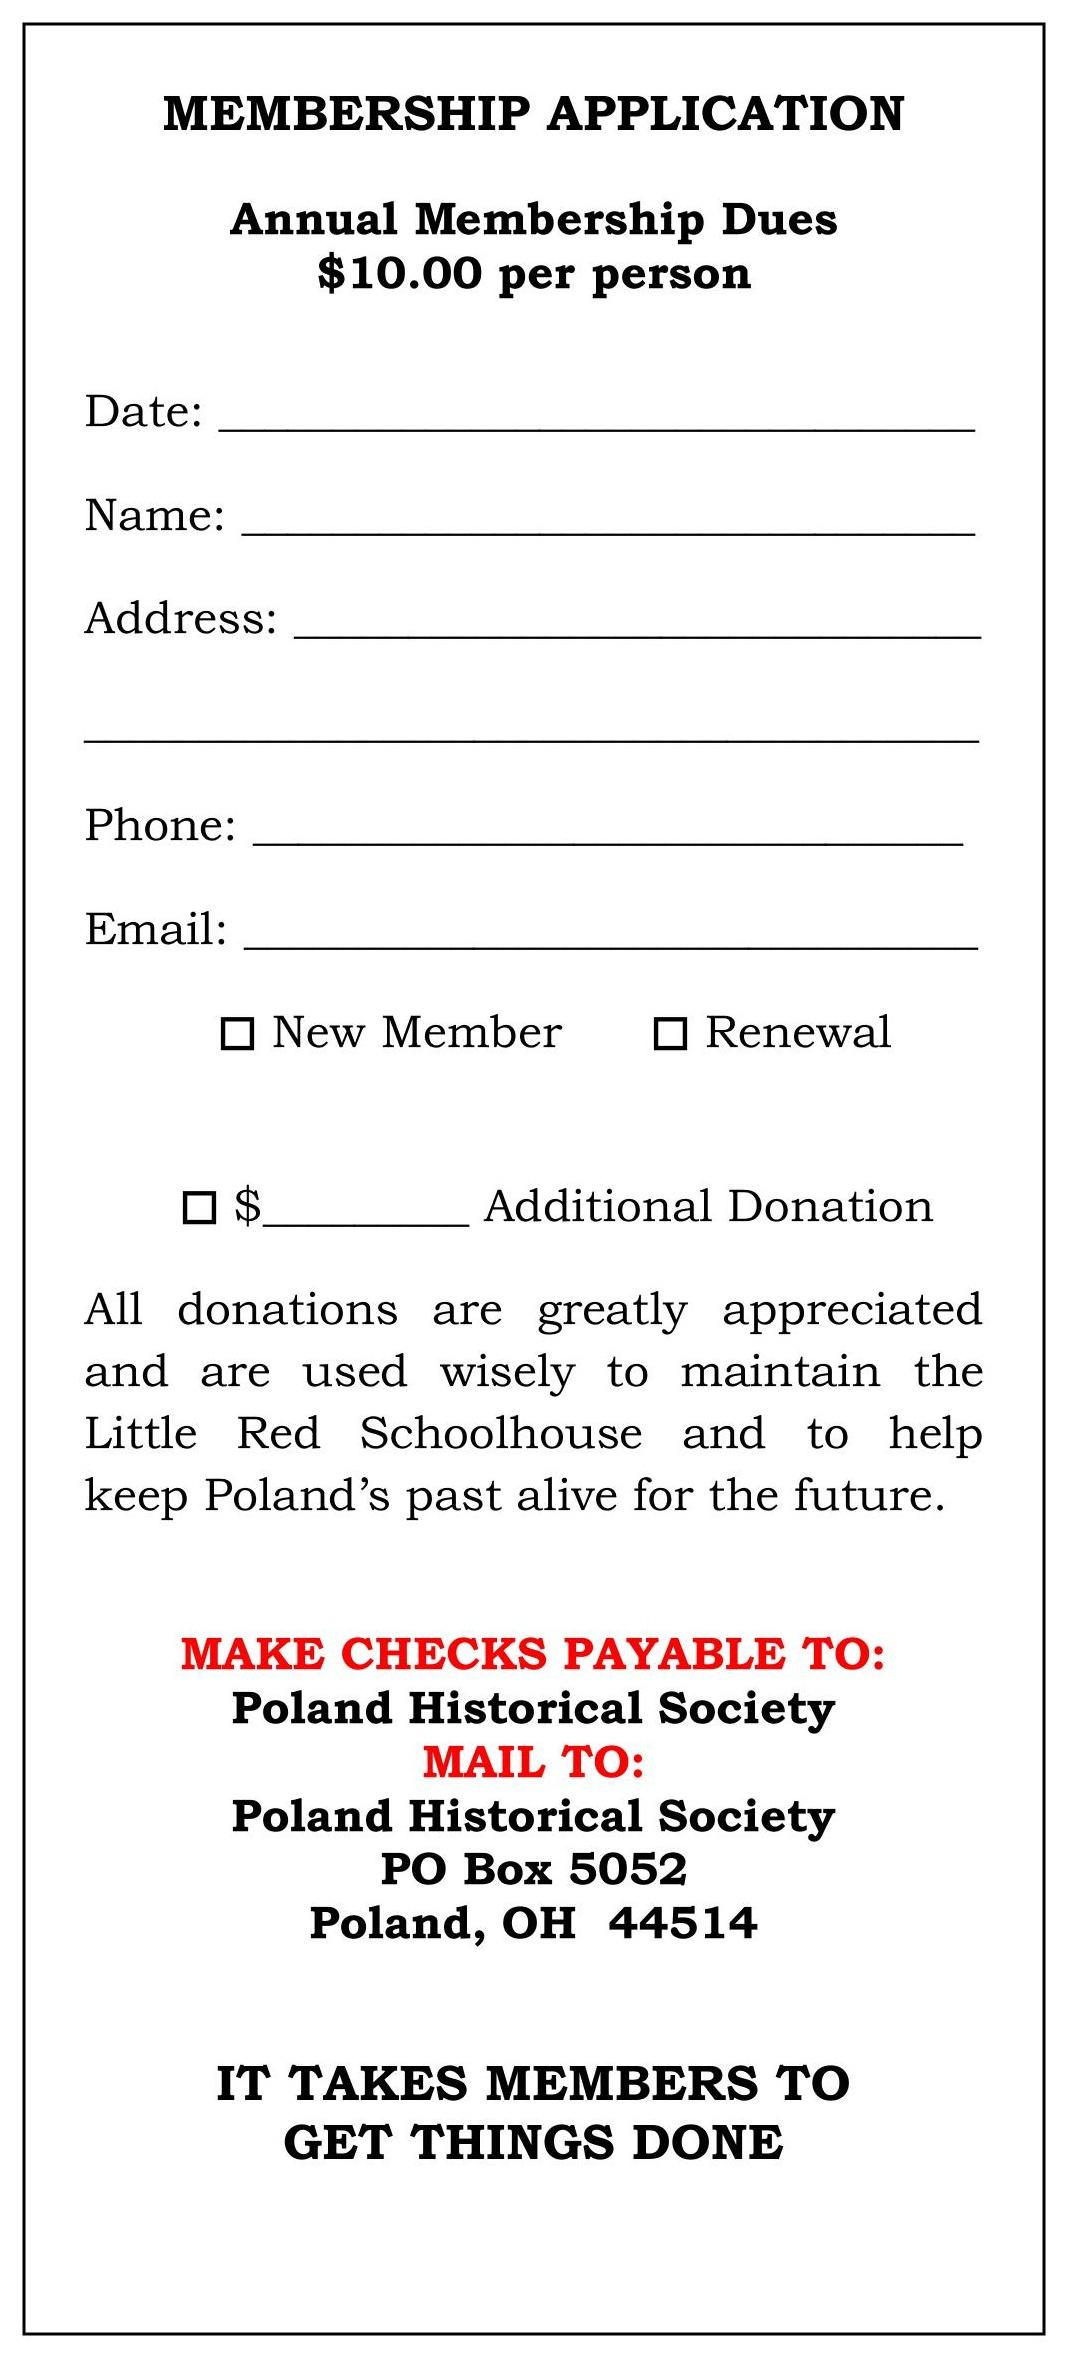 membershipapp